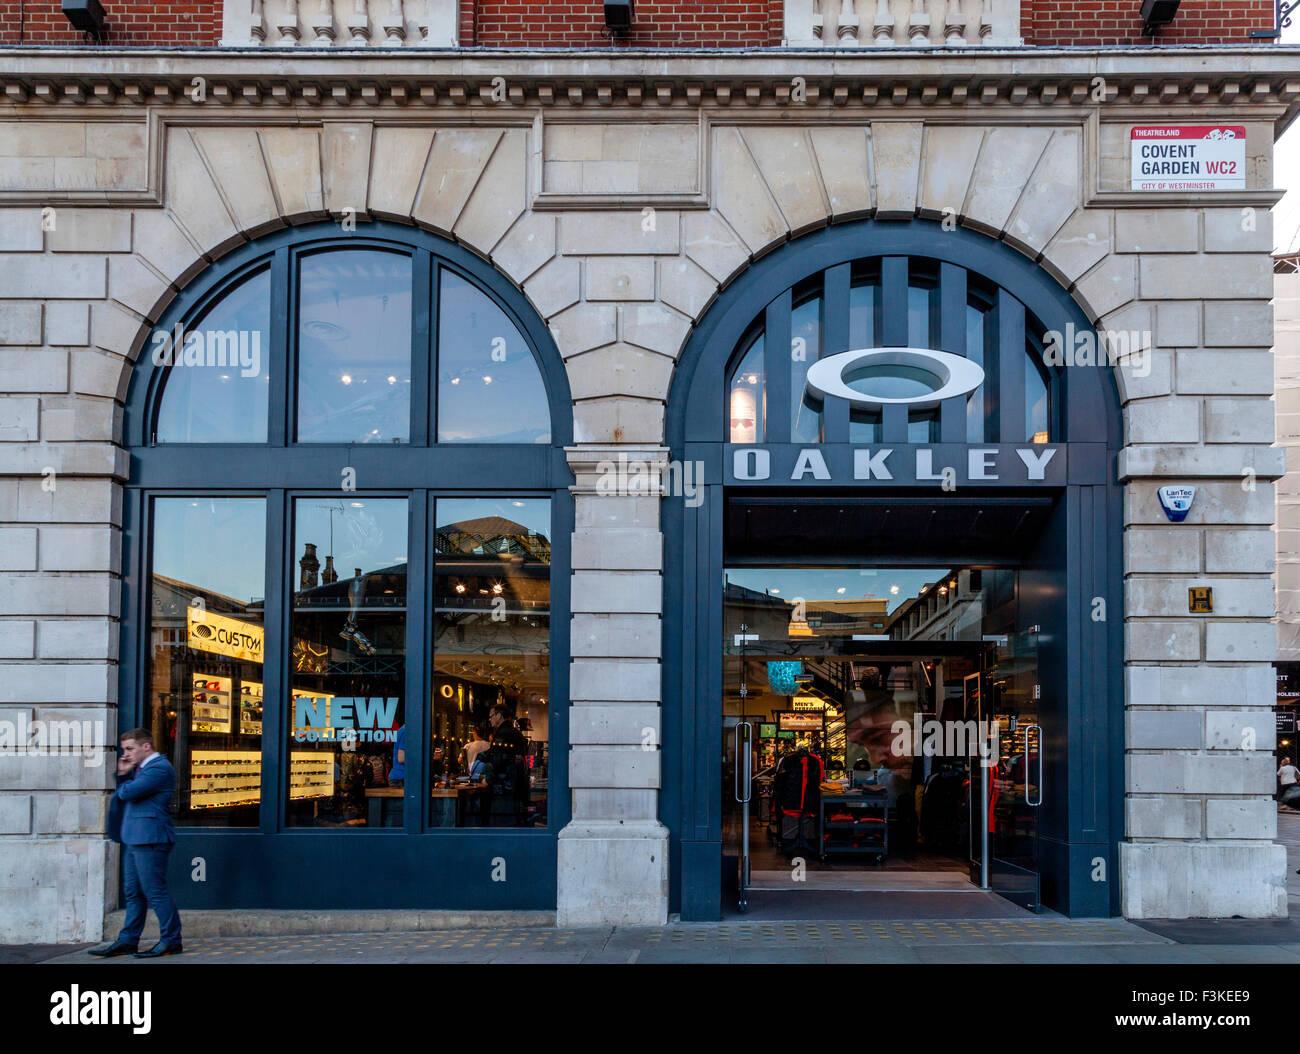 Tienda De Oakley Imágenes De Stock   Tienda De Oakley Fotos De Stock ... 5a0859c199713